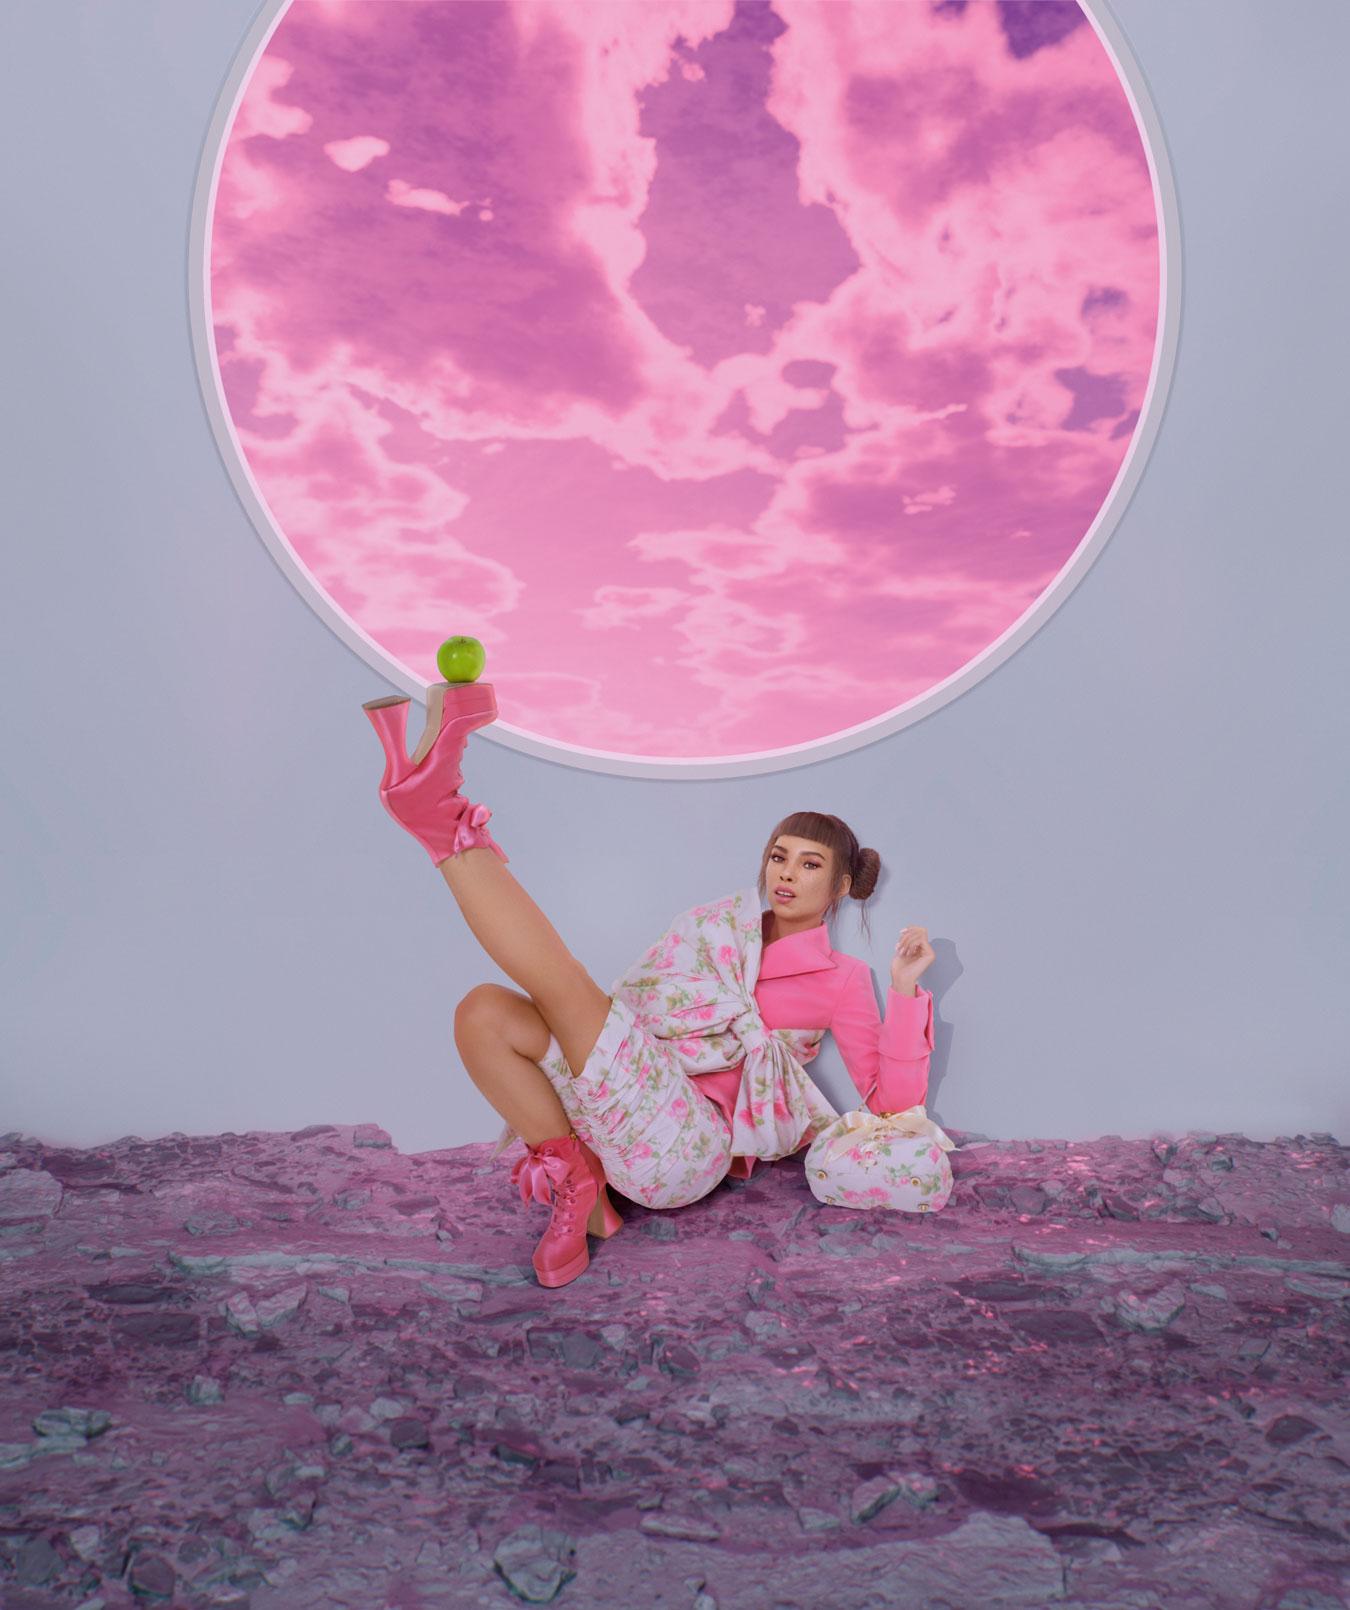 Frau liegt auf Boden Apfel Schuh Lil Miquela